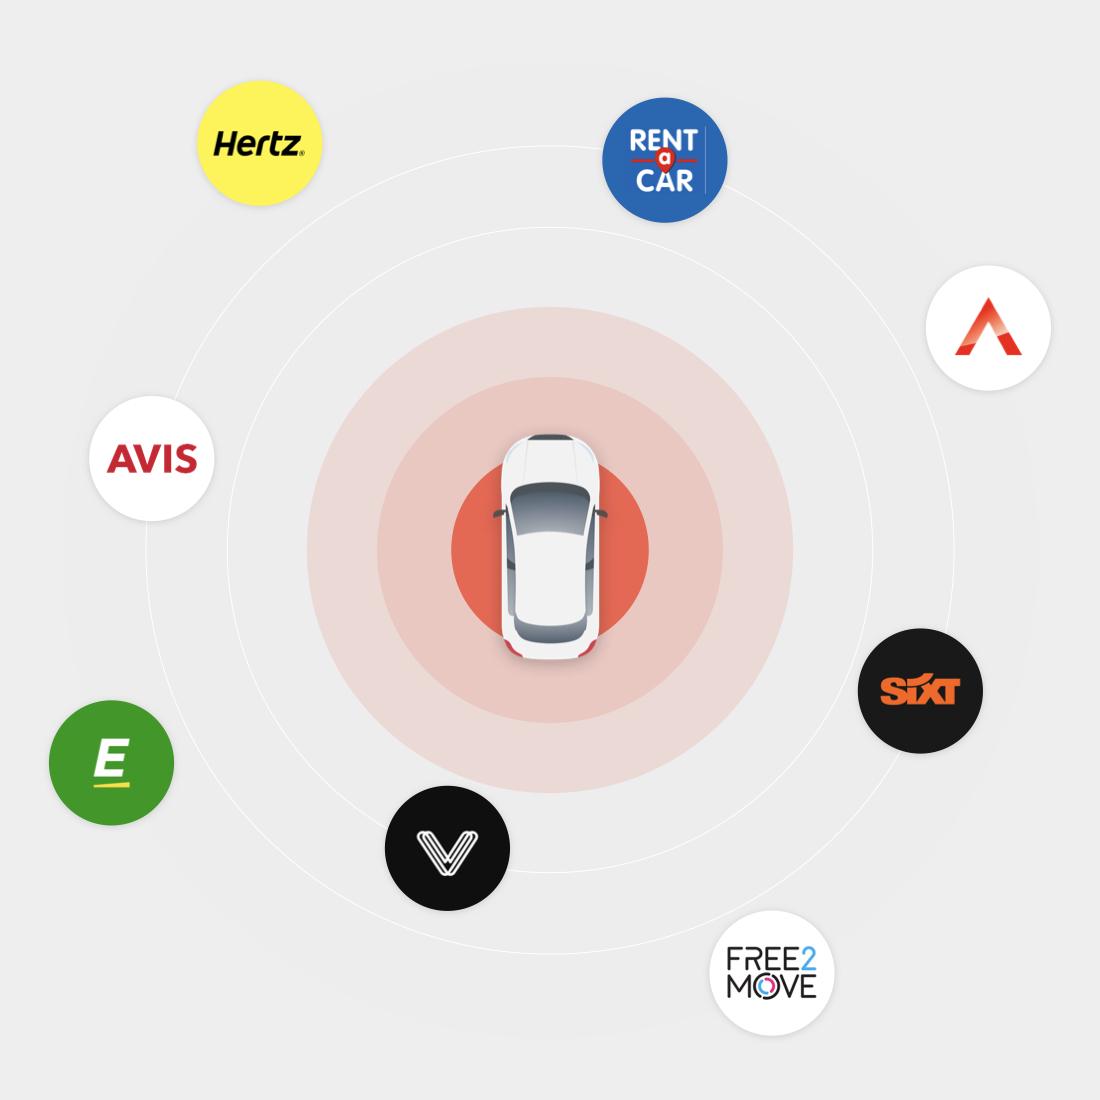 voiture entourée de logos de loueurs de voitures